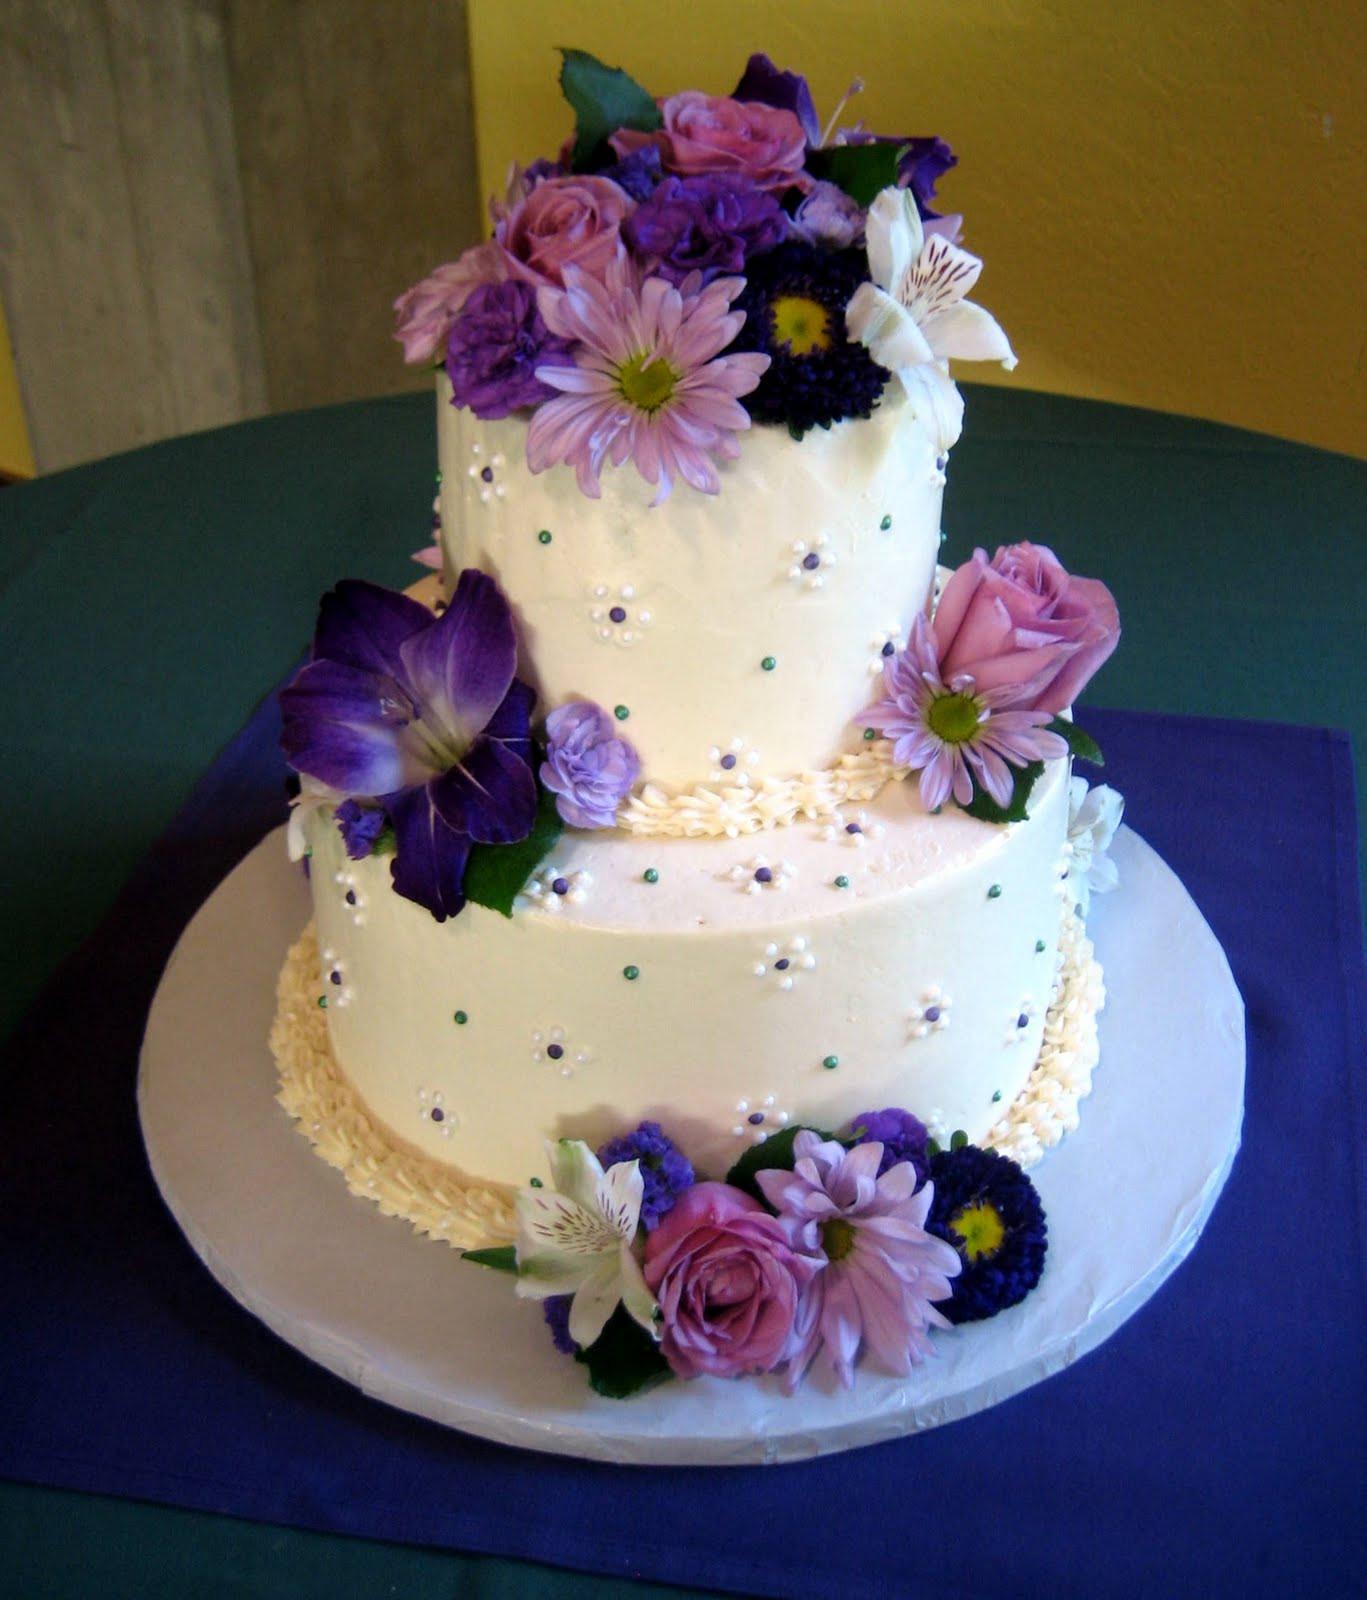 Purple Wedding Cakes Pictures  Purple Wedding Cakes – WeNeedFun